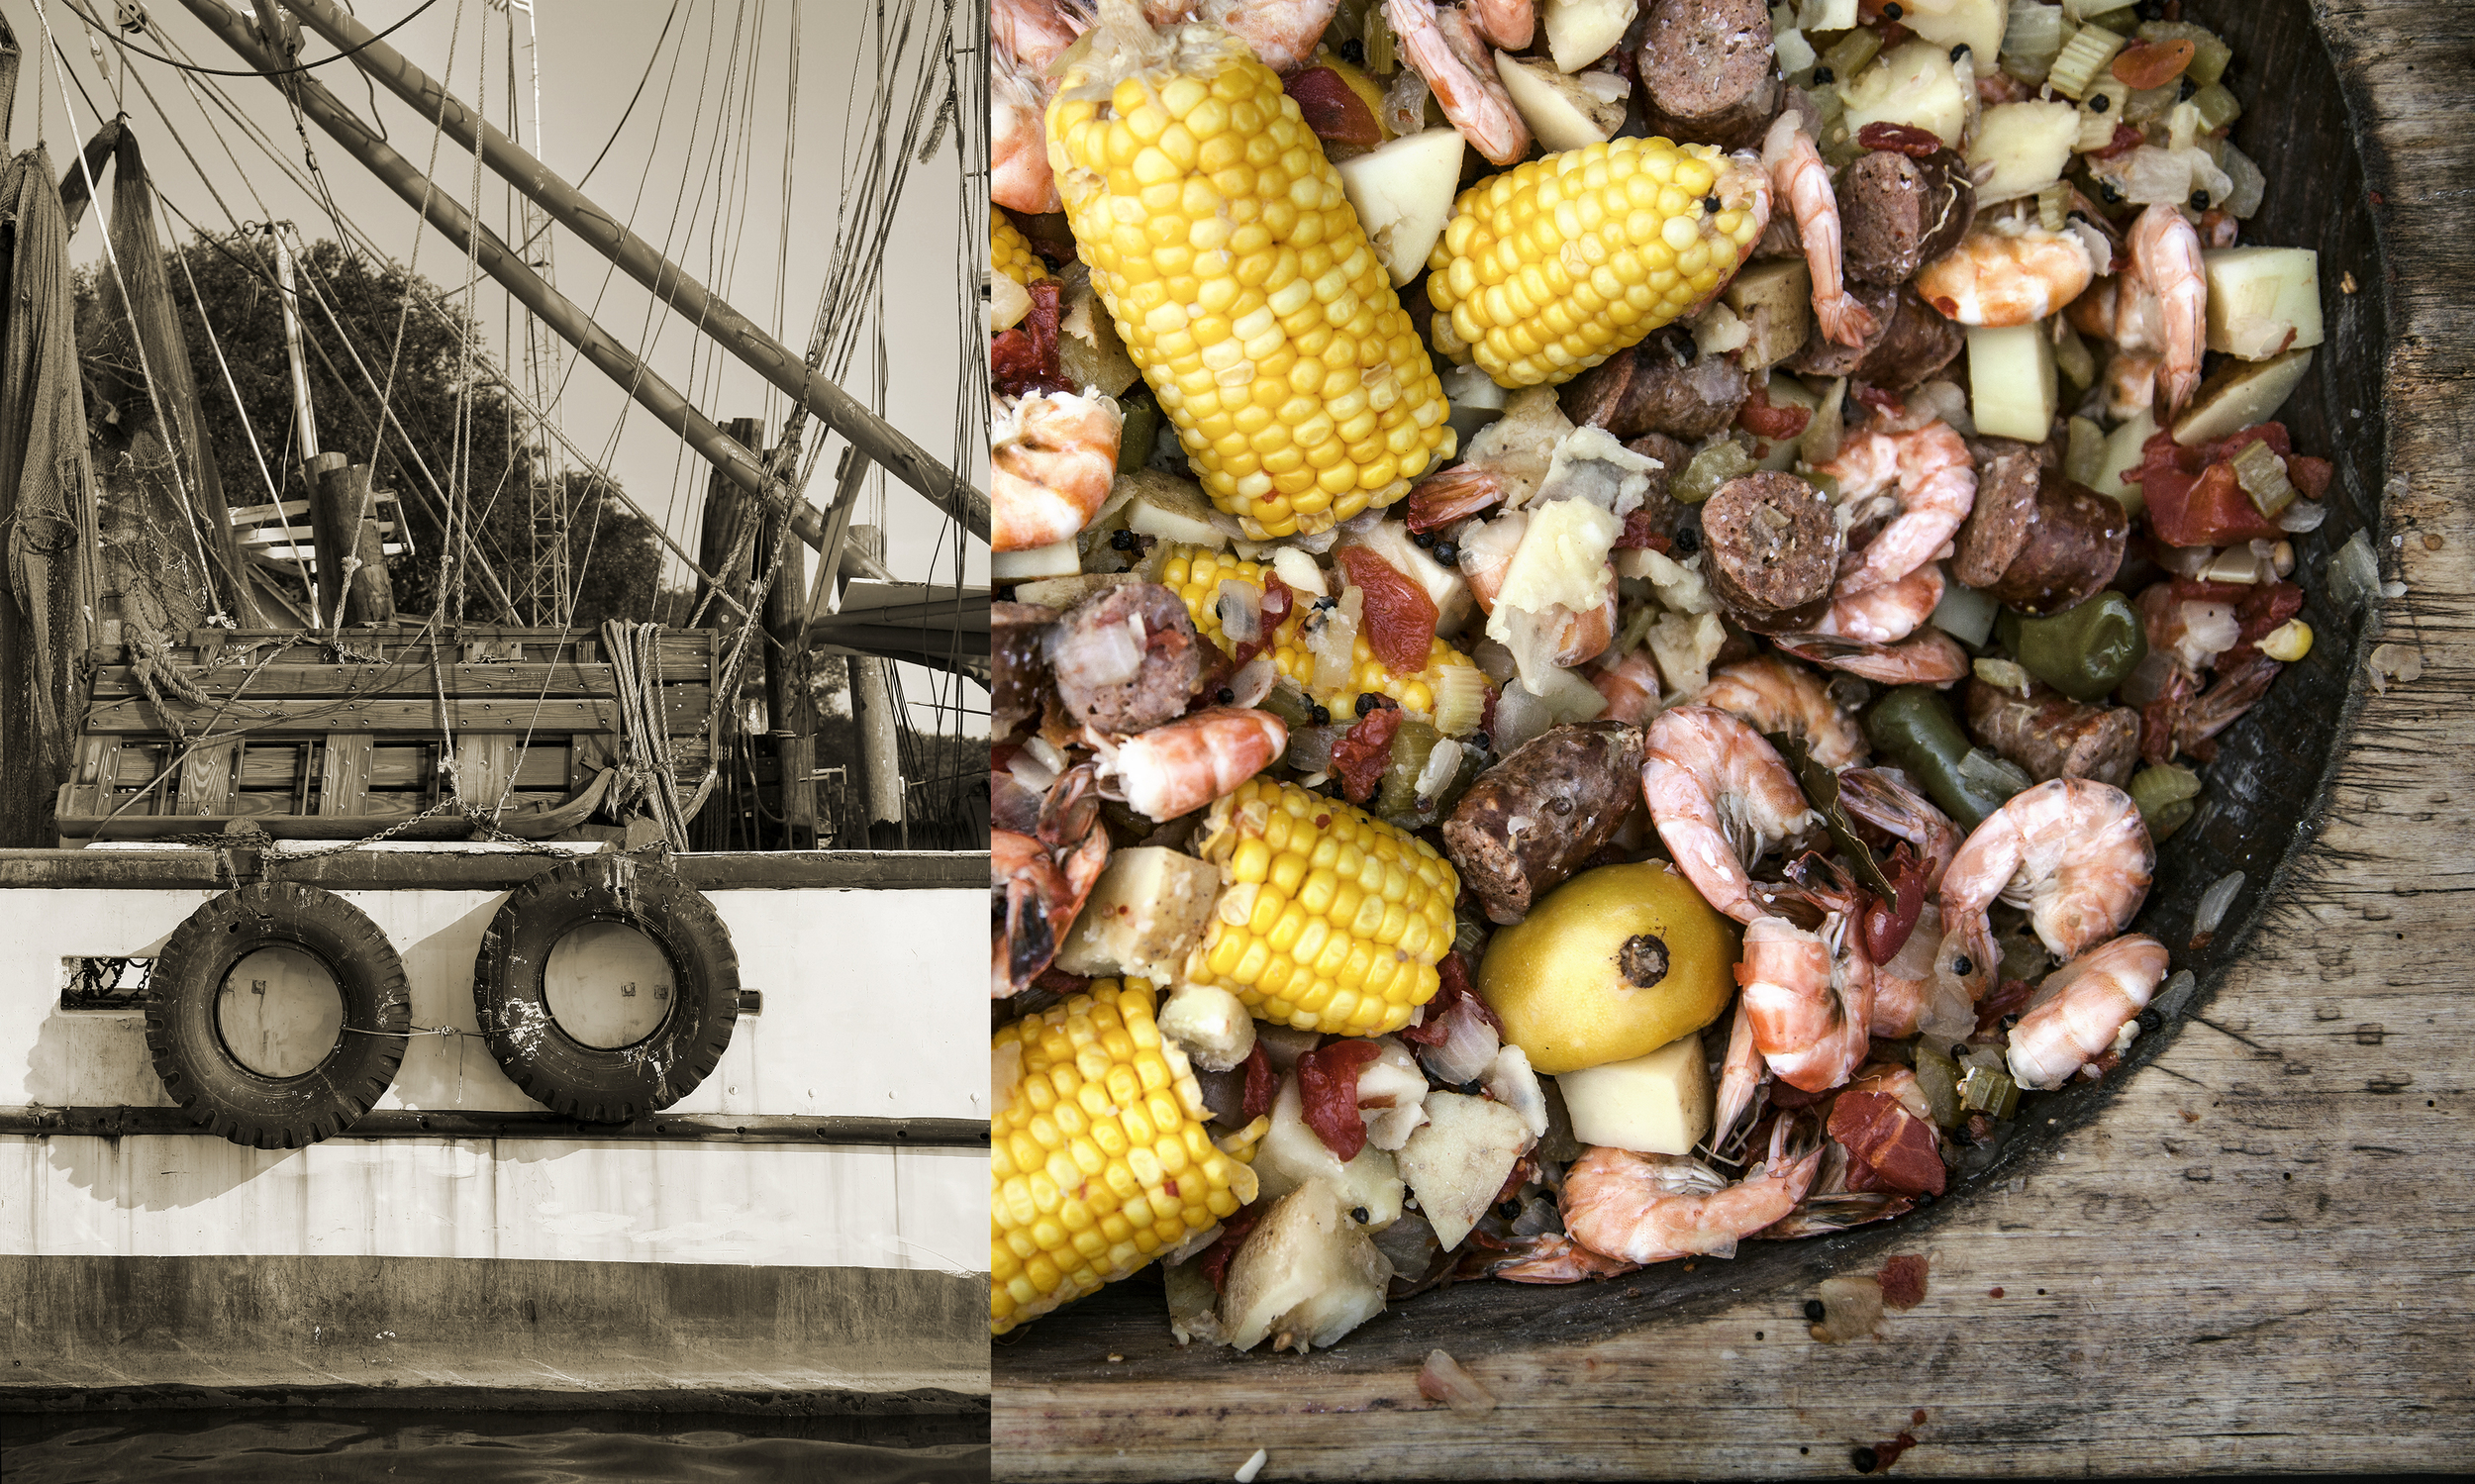 food photography of shrimp boil and shrimp boat